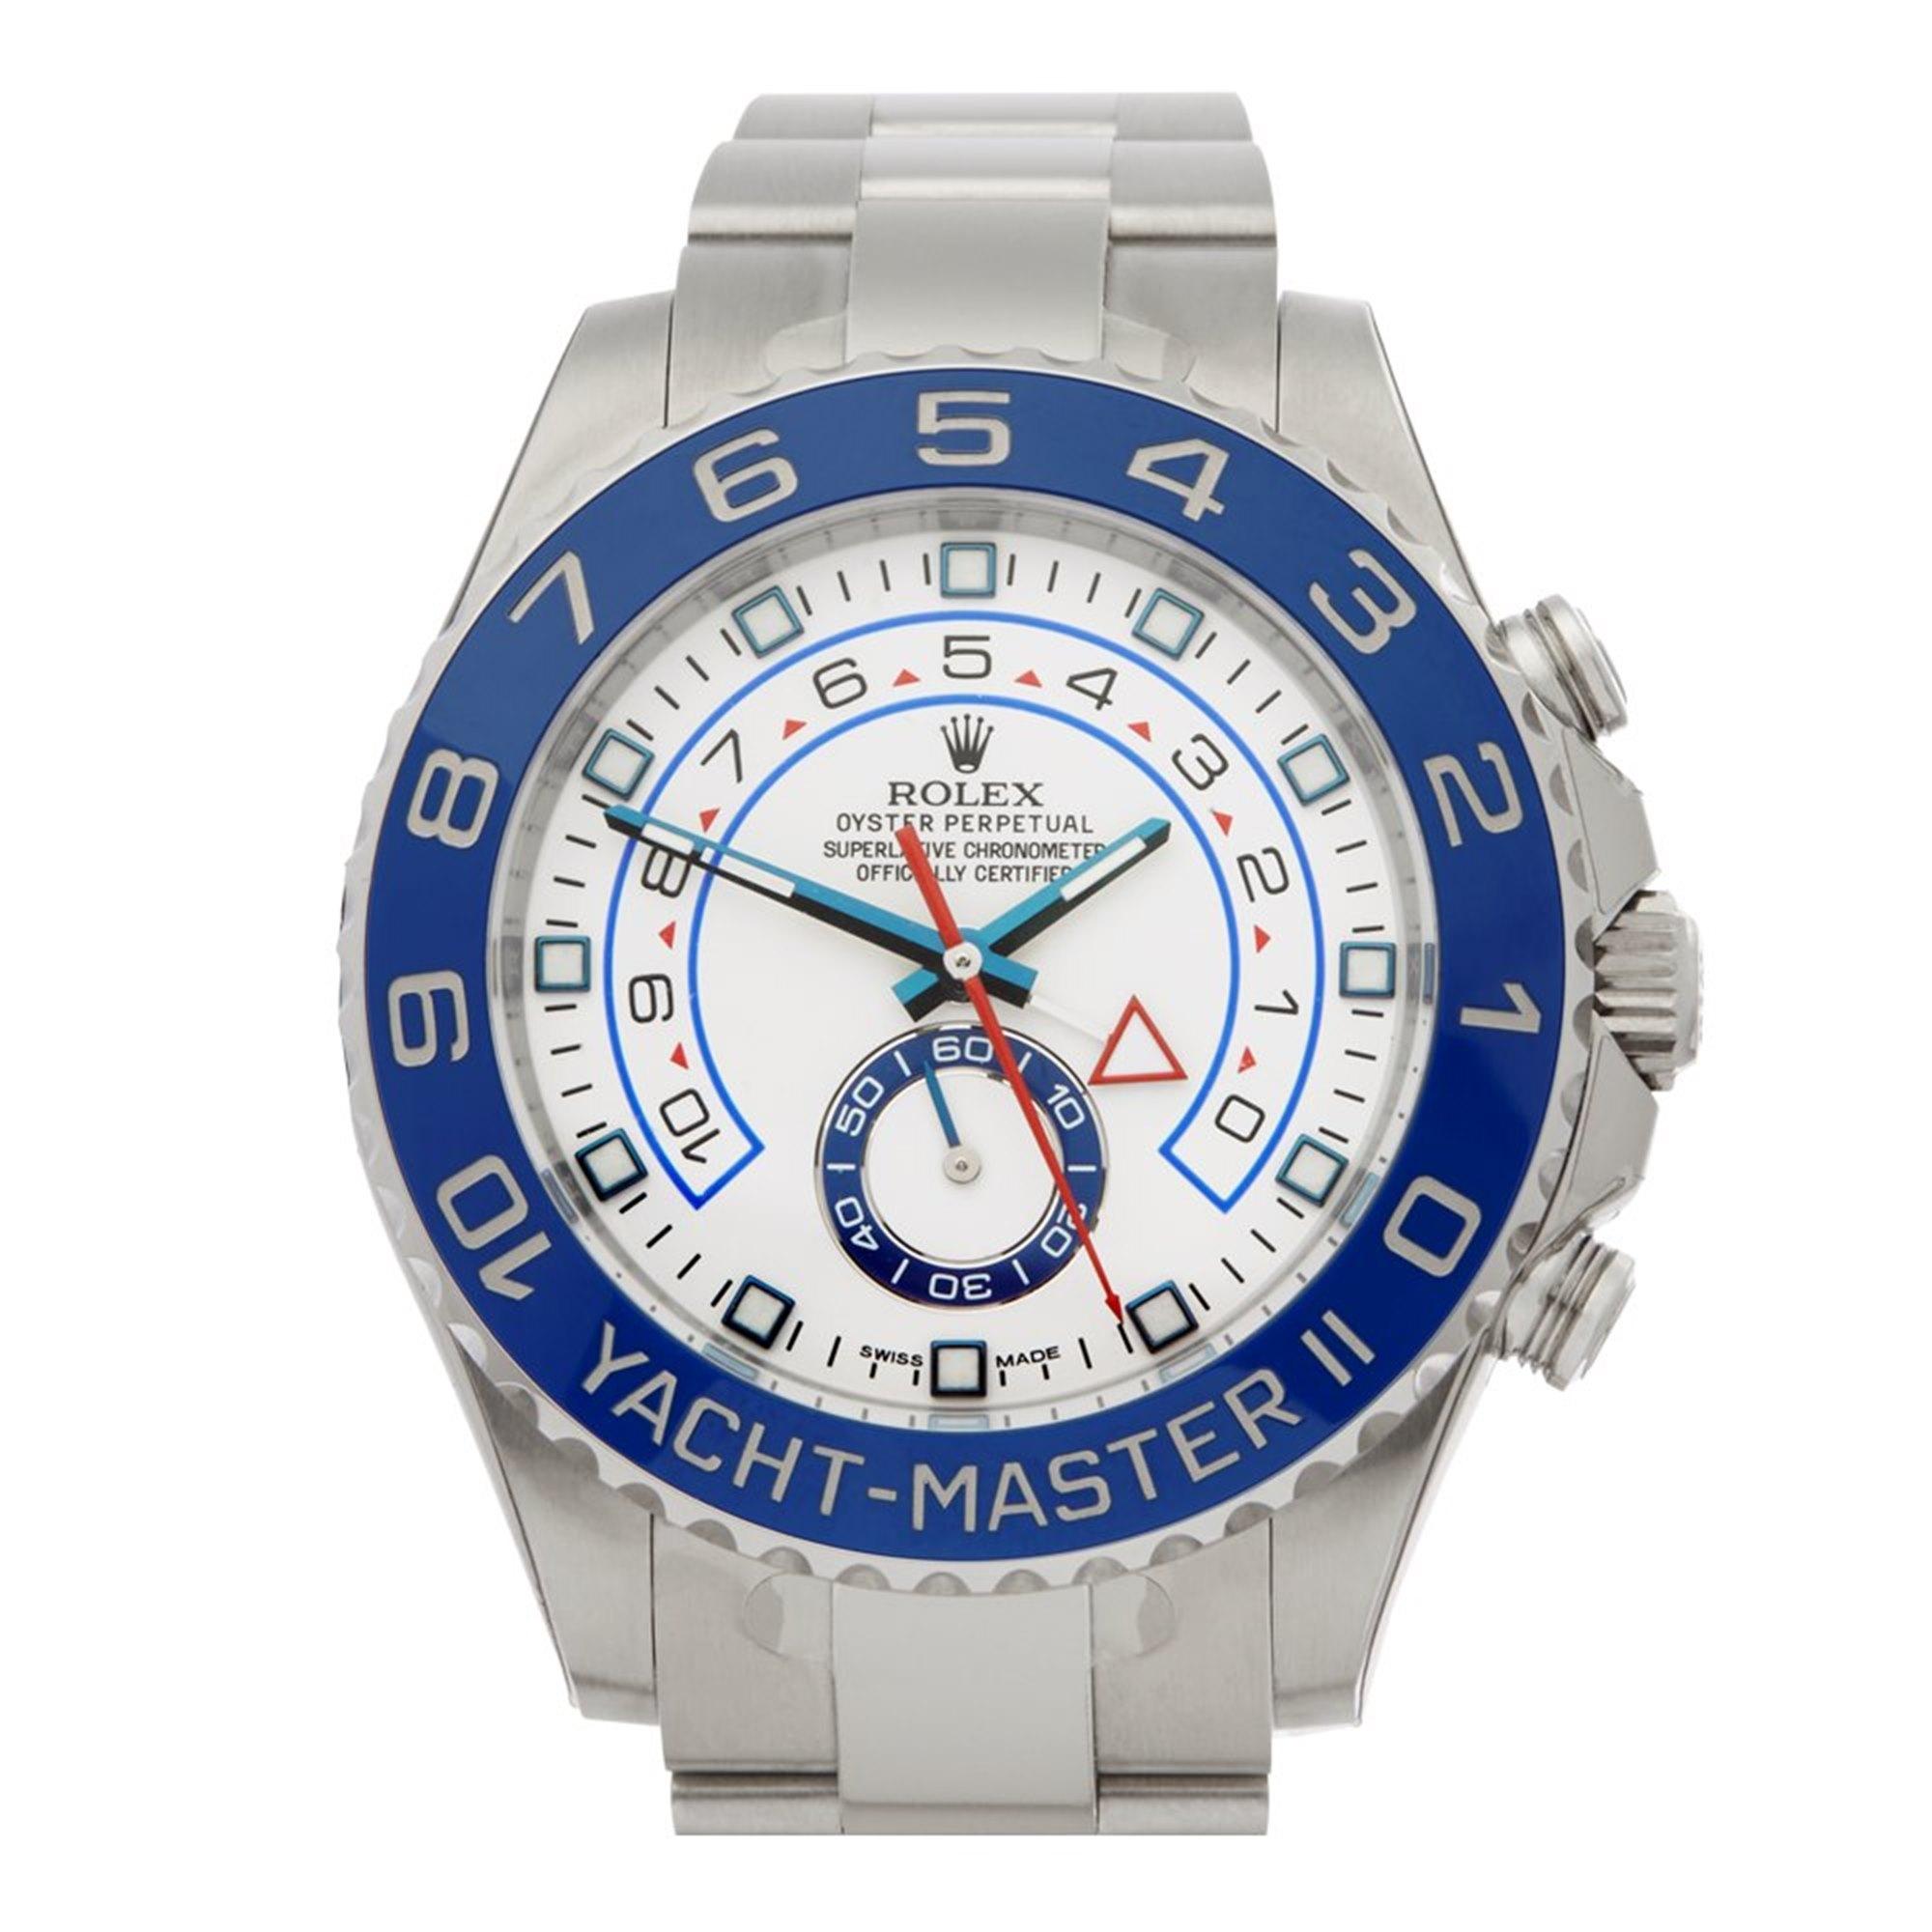 Rolex Yacht-Master II Regatta Chronograph Stainless Steel 116680